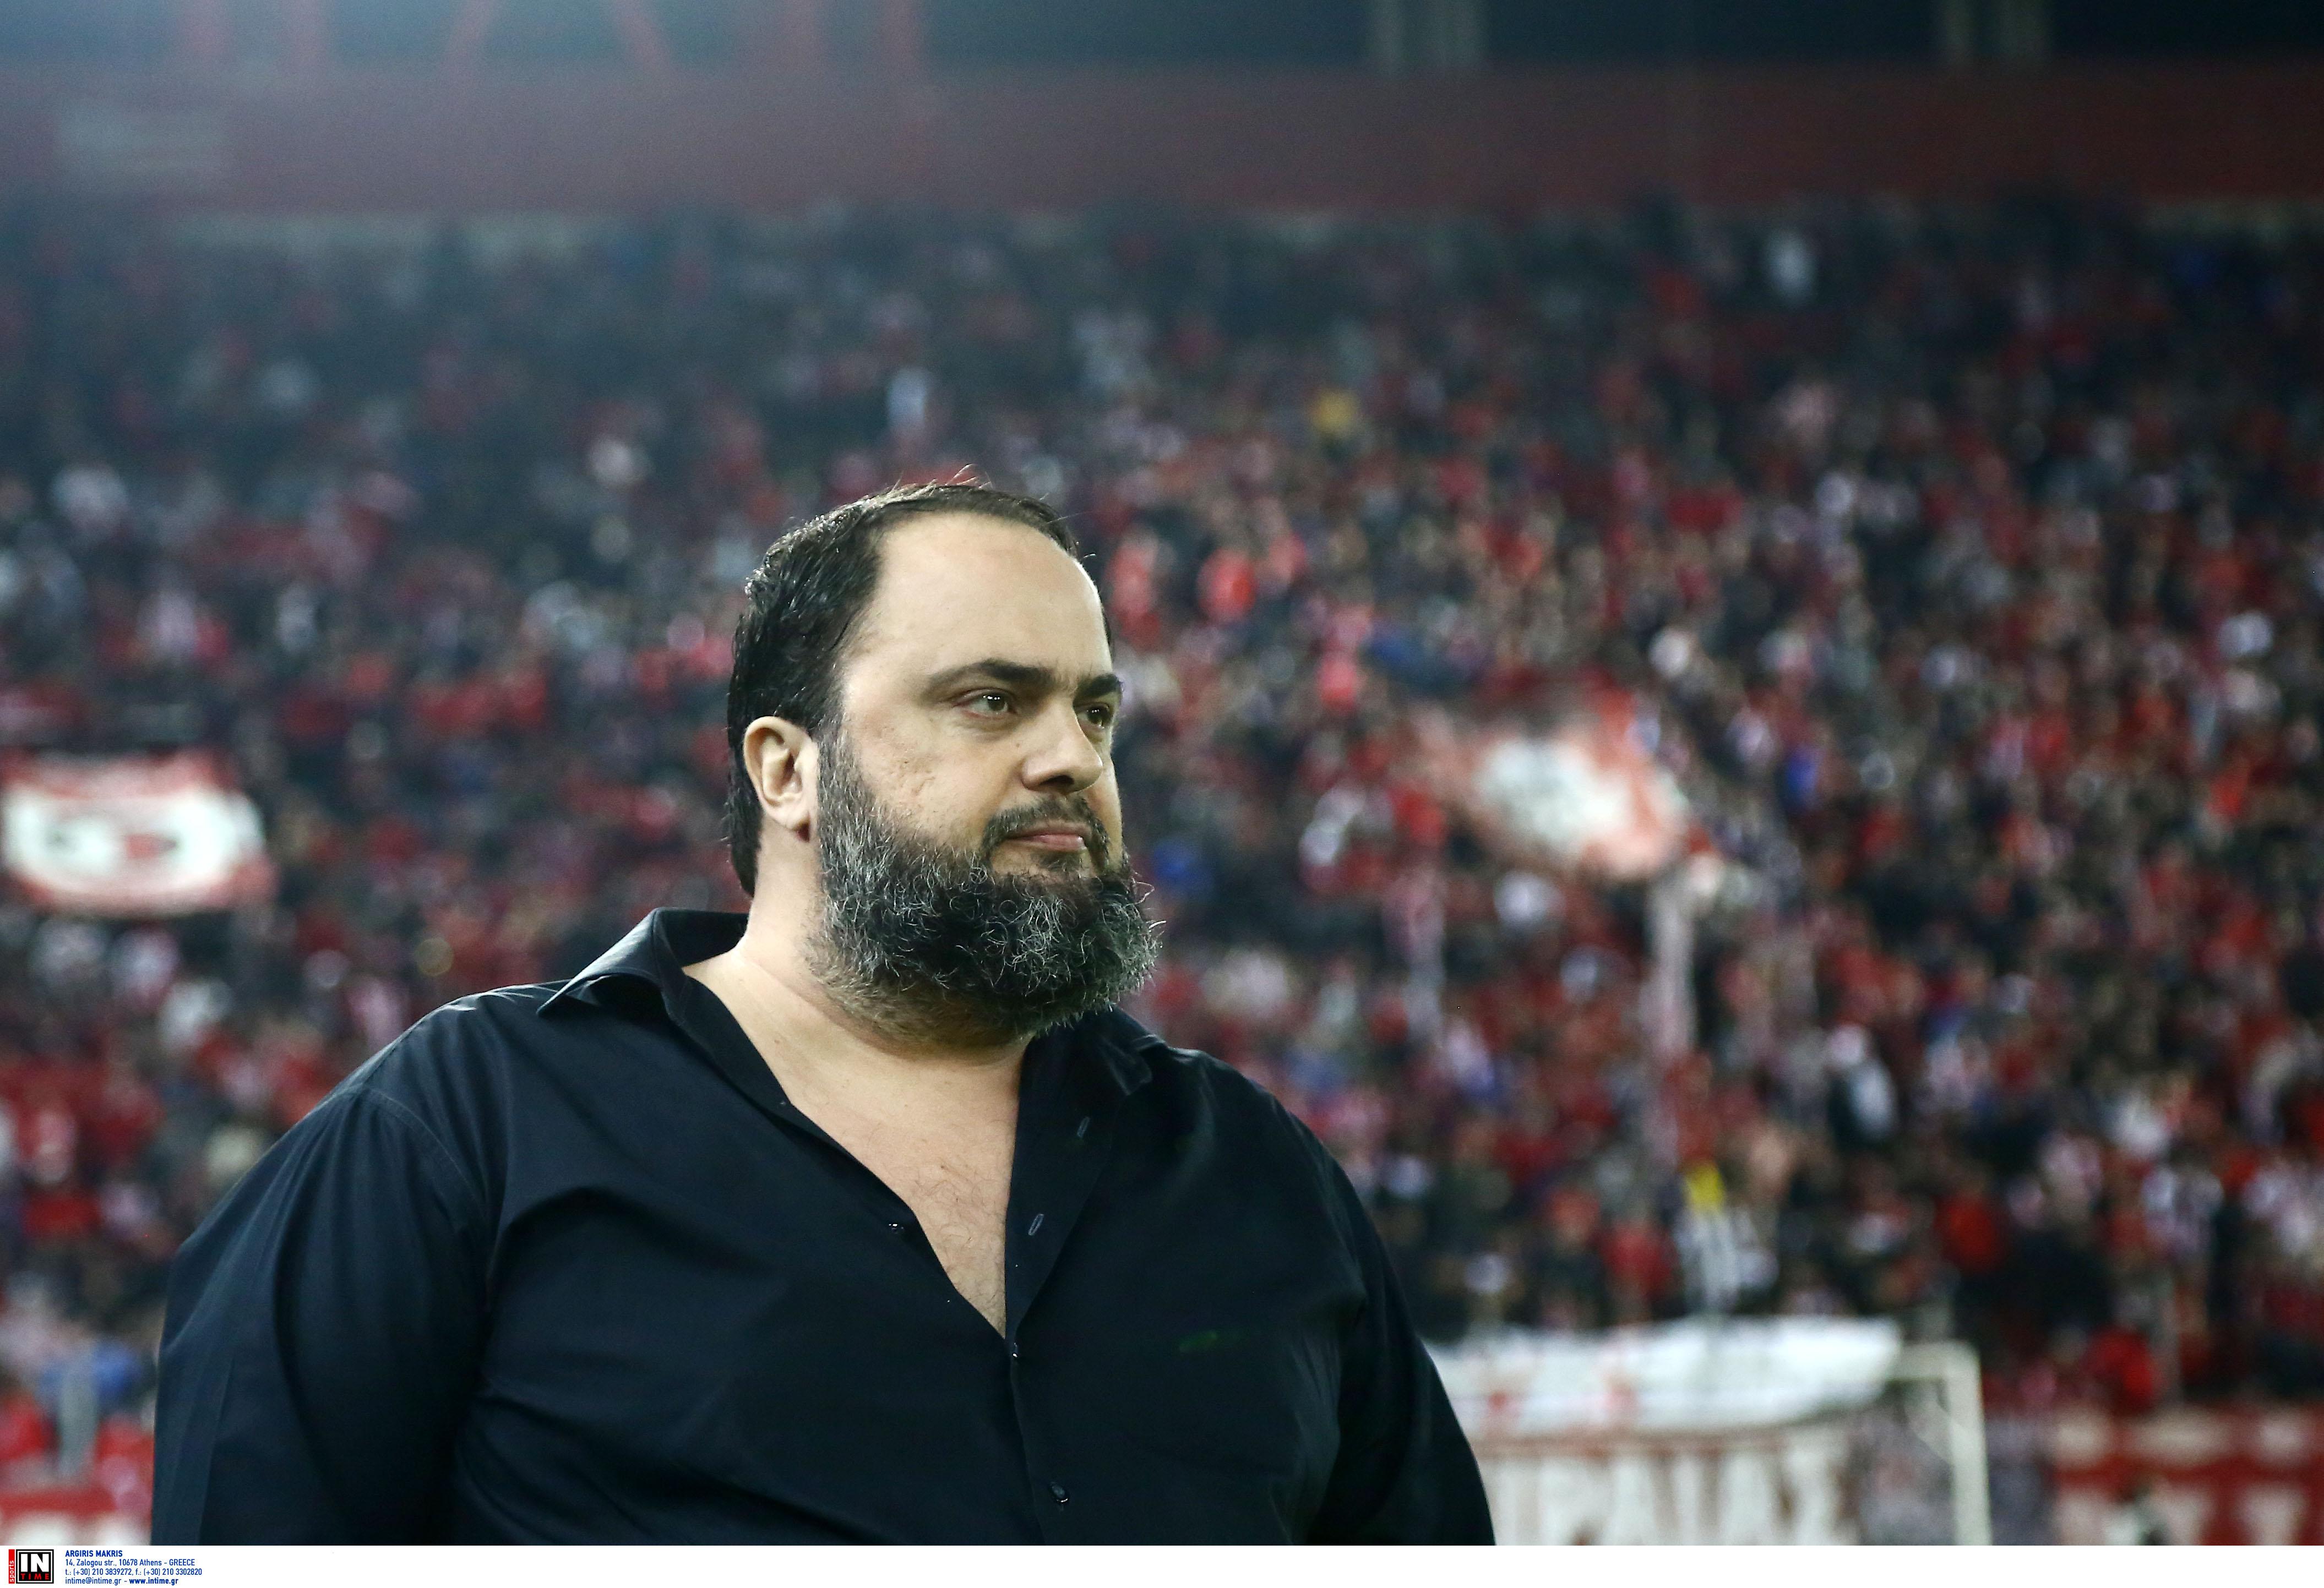 """Ολυμπιακός – Μαρινάκης στη Superleague: """"Να τοποθετηθούν οι ομάδες για τις μεταξύ τους σχέσεις!"""""""